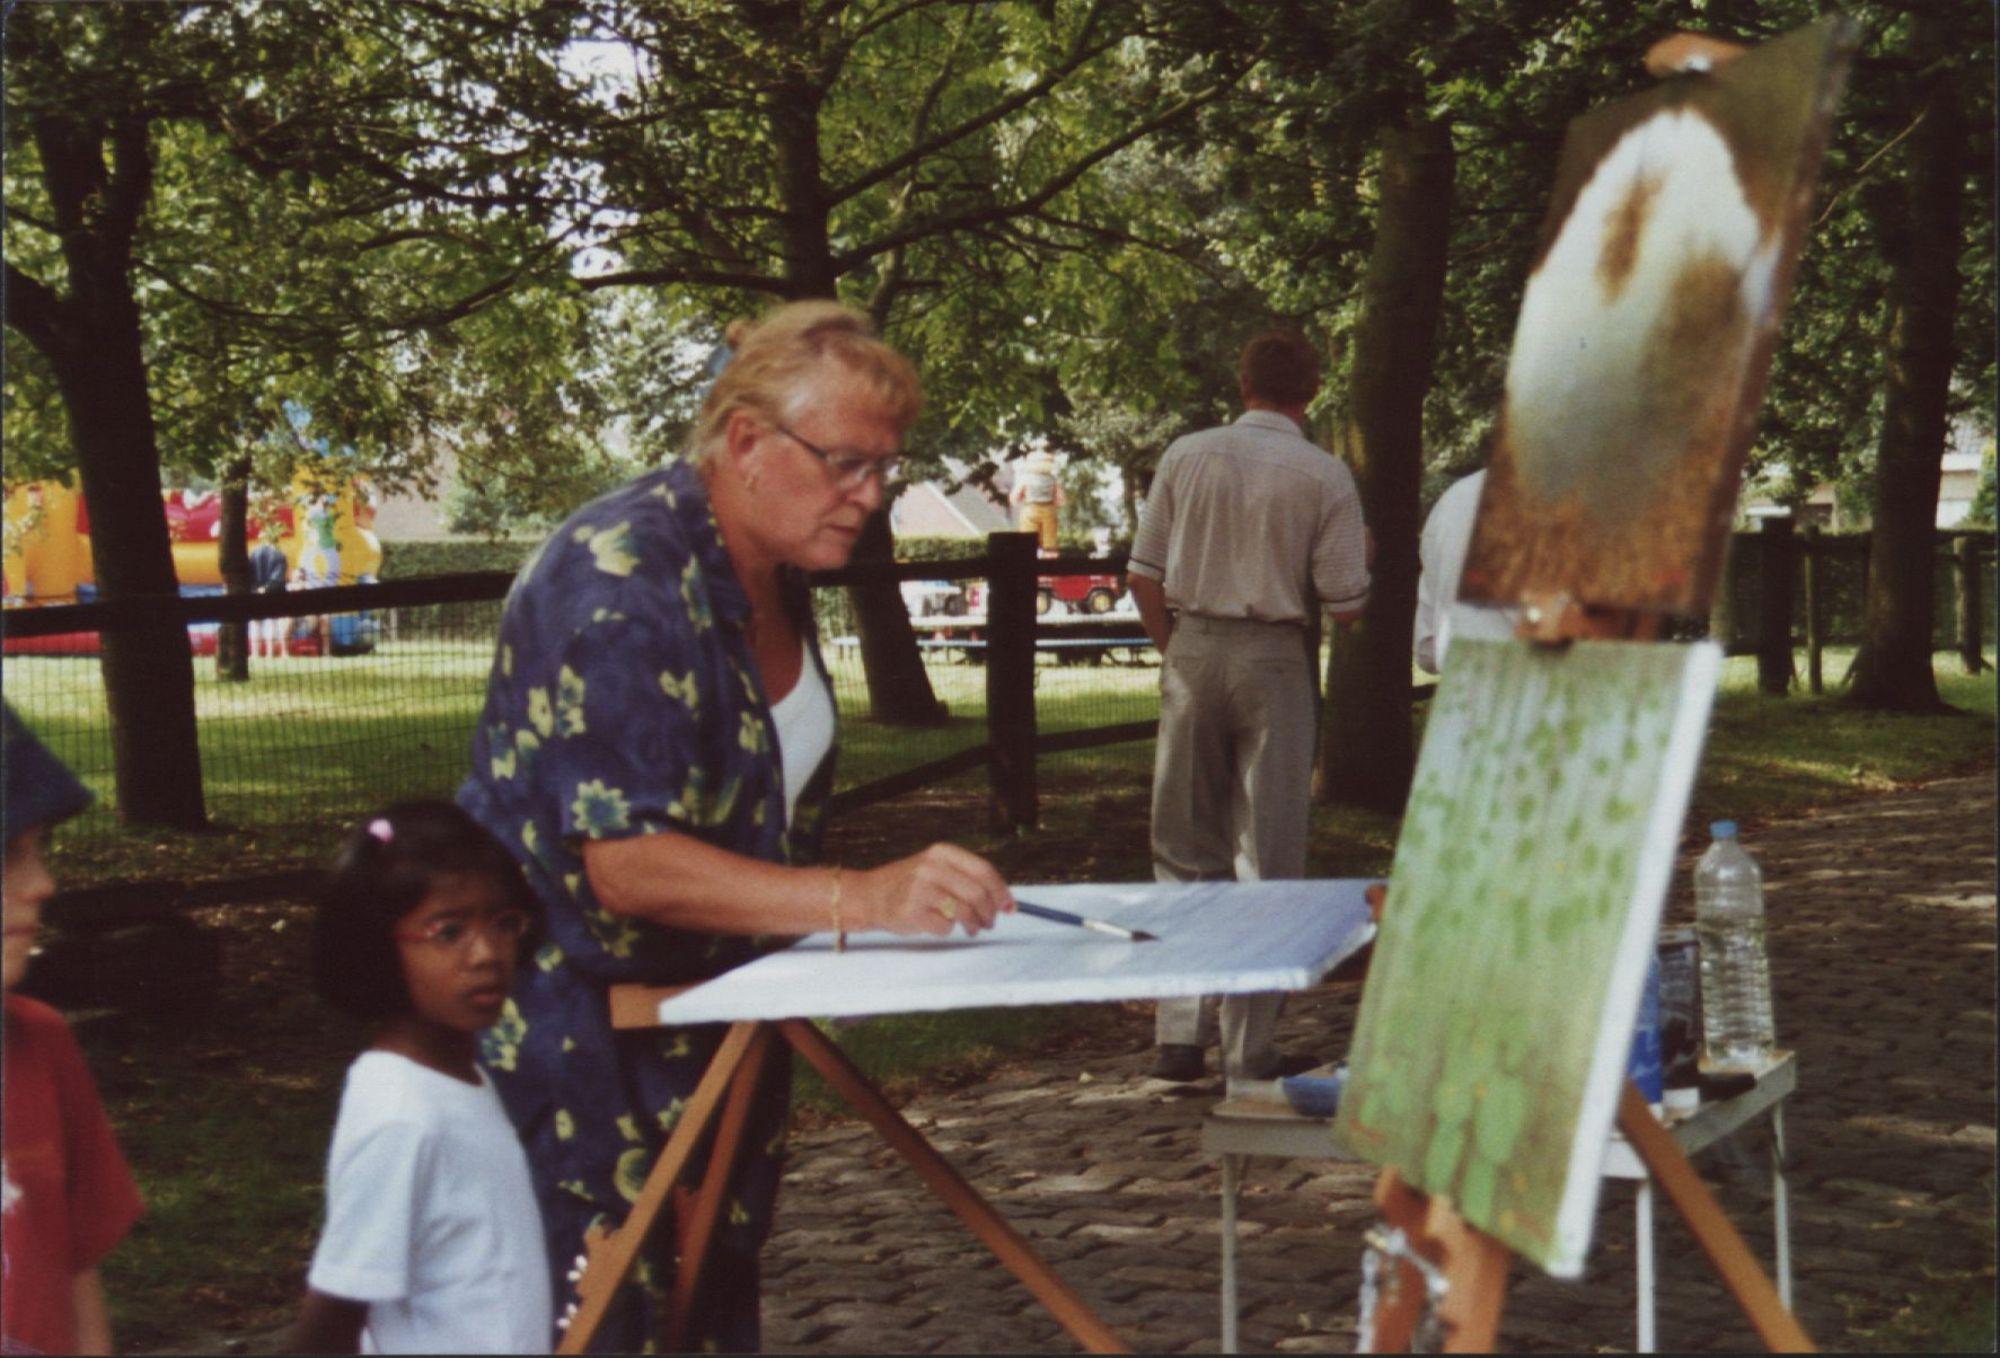 Festivaldag 2002